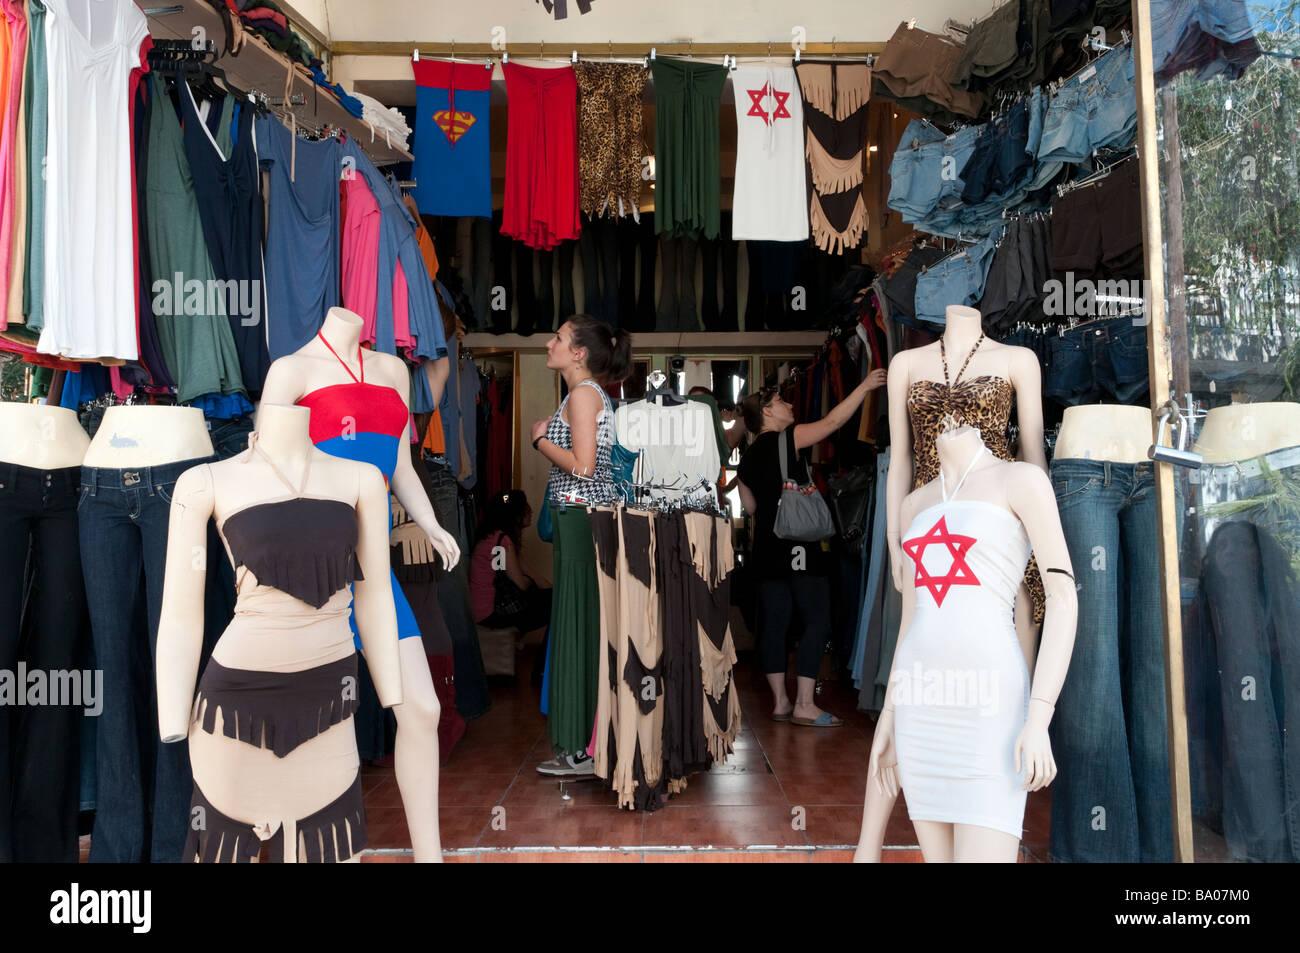 La tienda de ropa de mujeres en la calle Shenkin Tel Aviv Israel Imagen De  Stock 56108bb7fb8